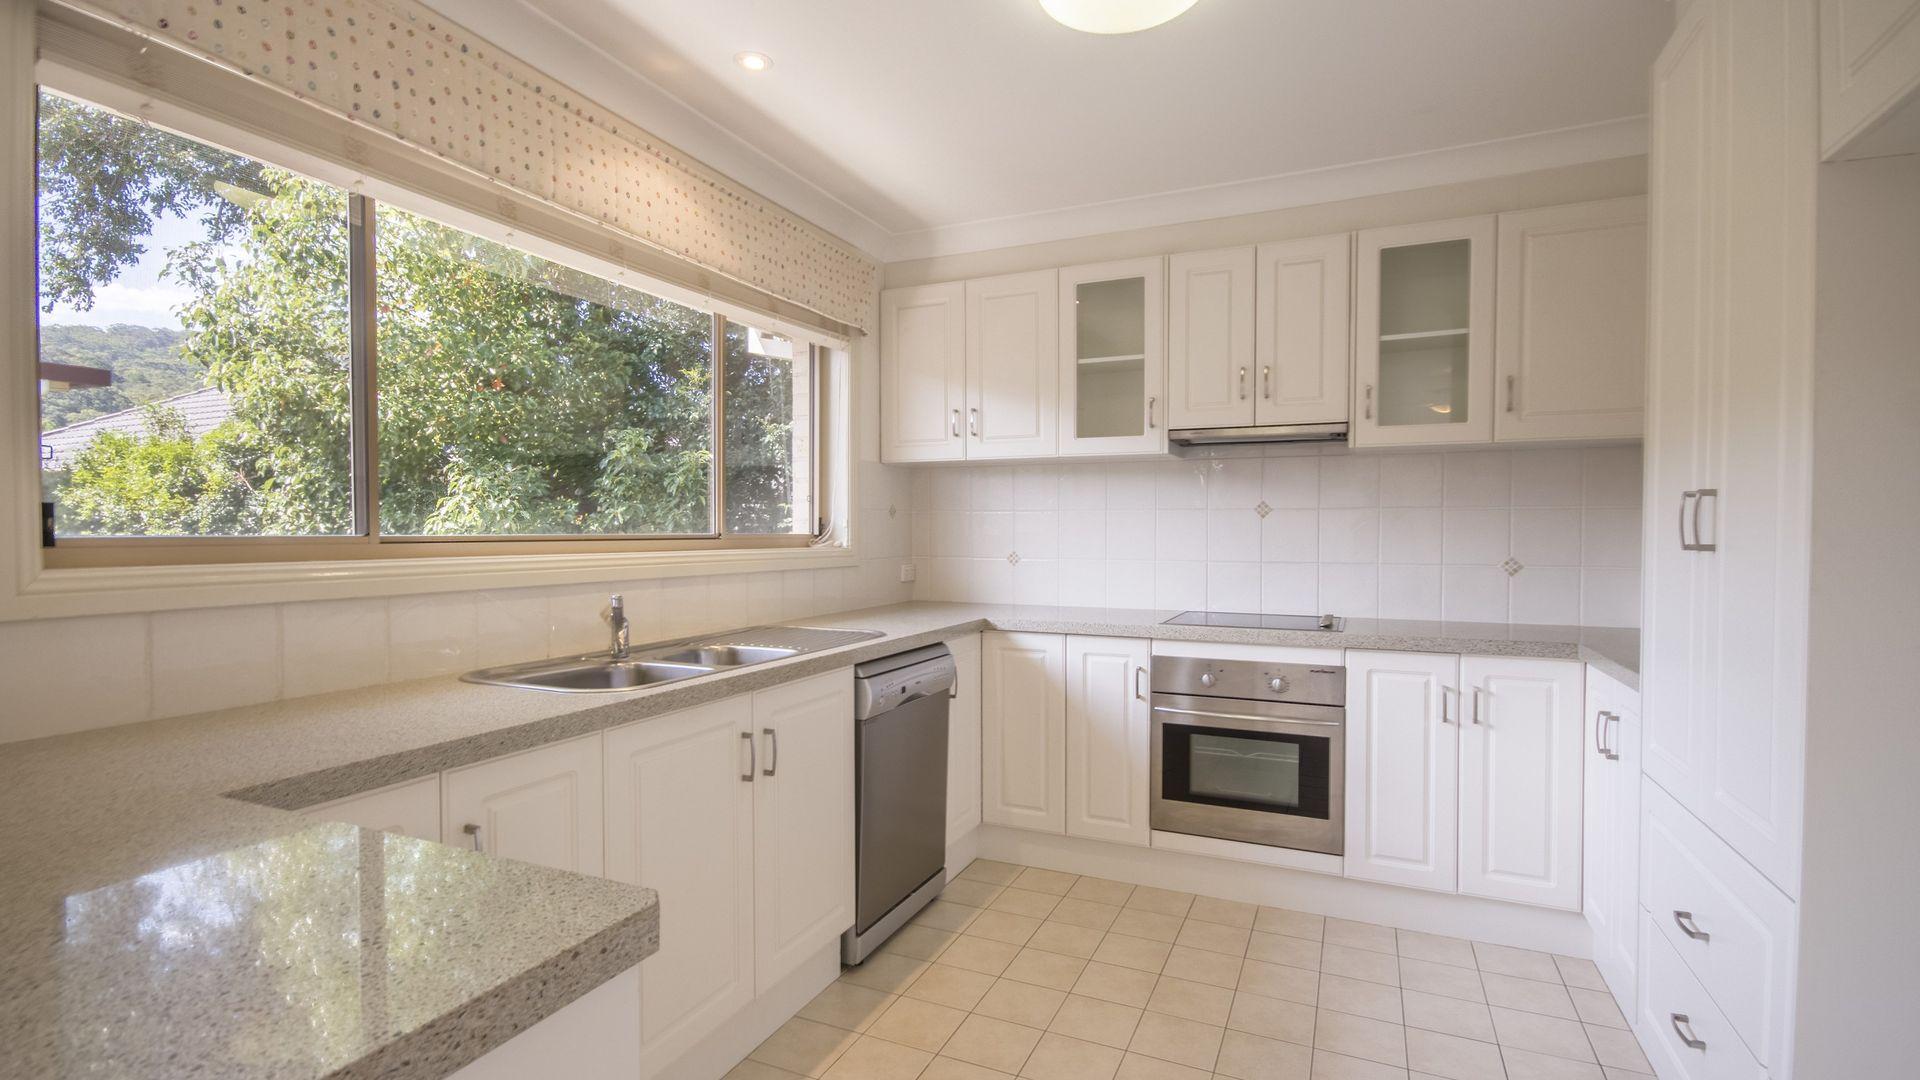 4/21 Wattle Street, East Gosford NSW 2250, Image 2